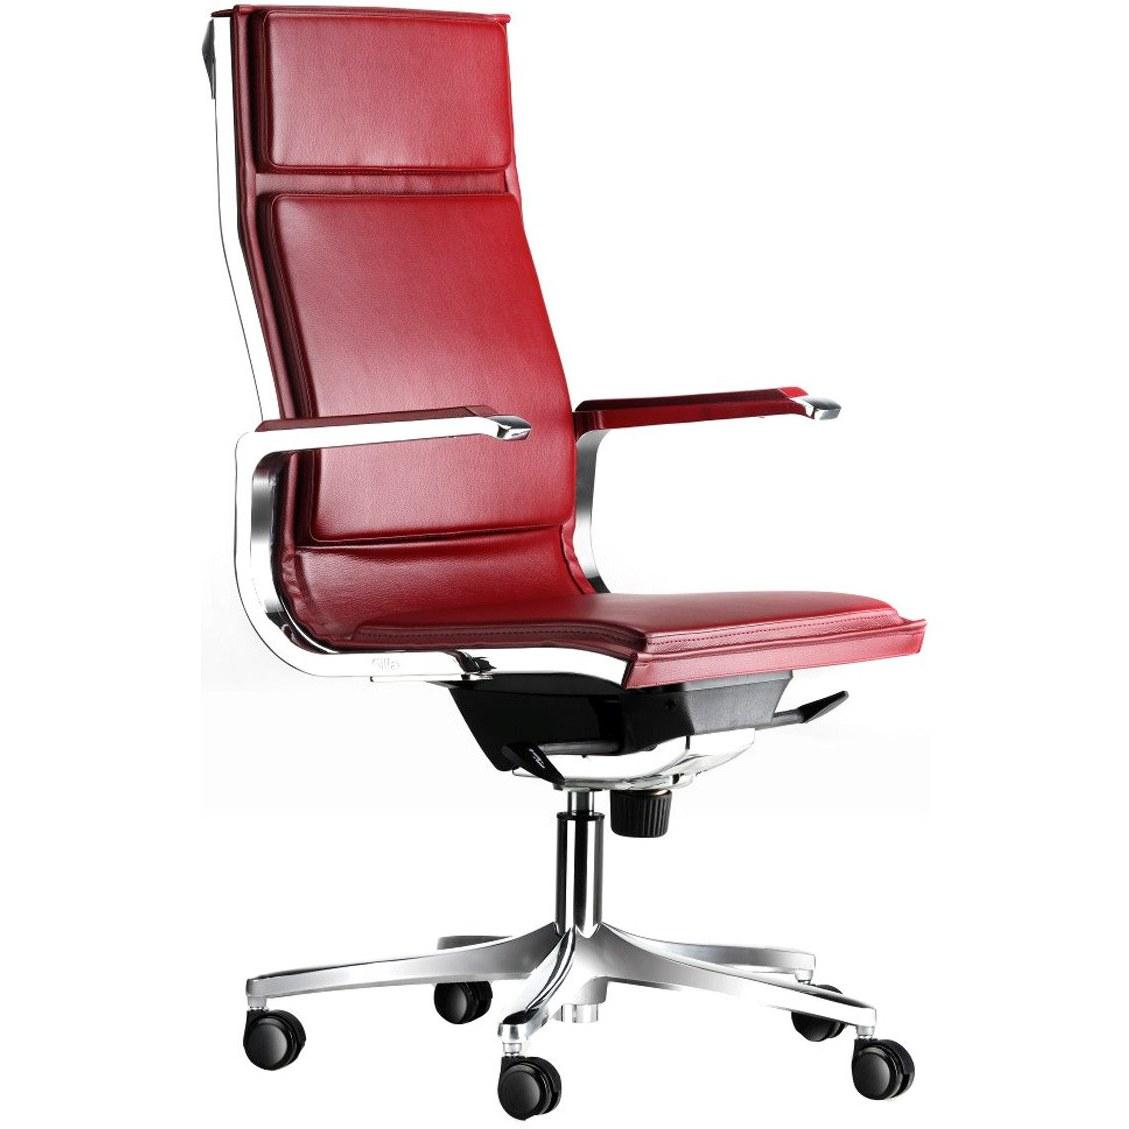 صندلی کارمندی و کارشناسی سیلا M17J با روکش چرم